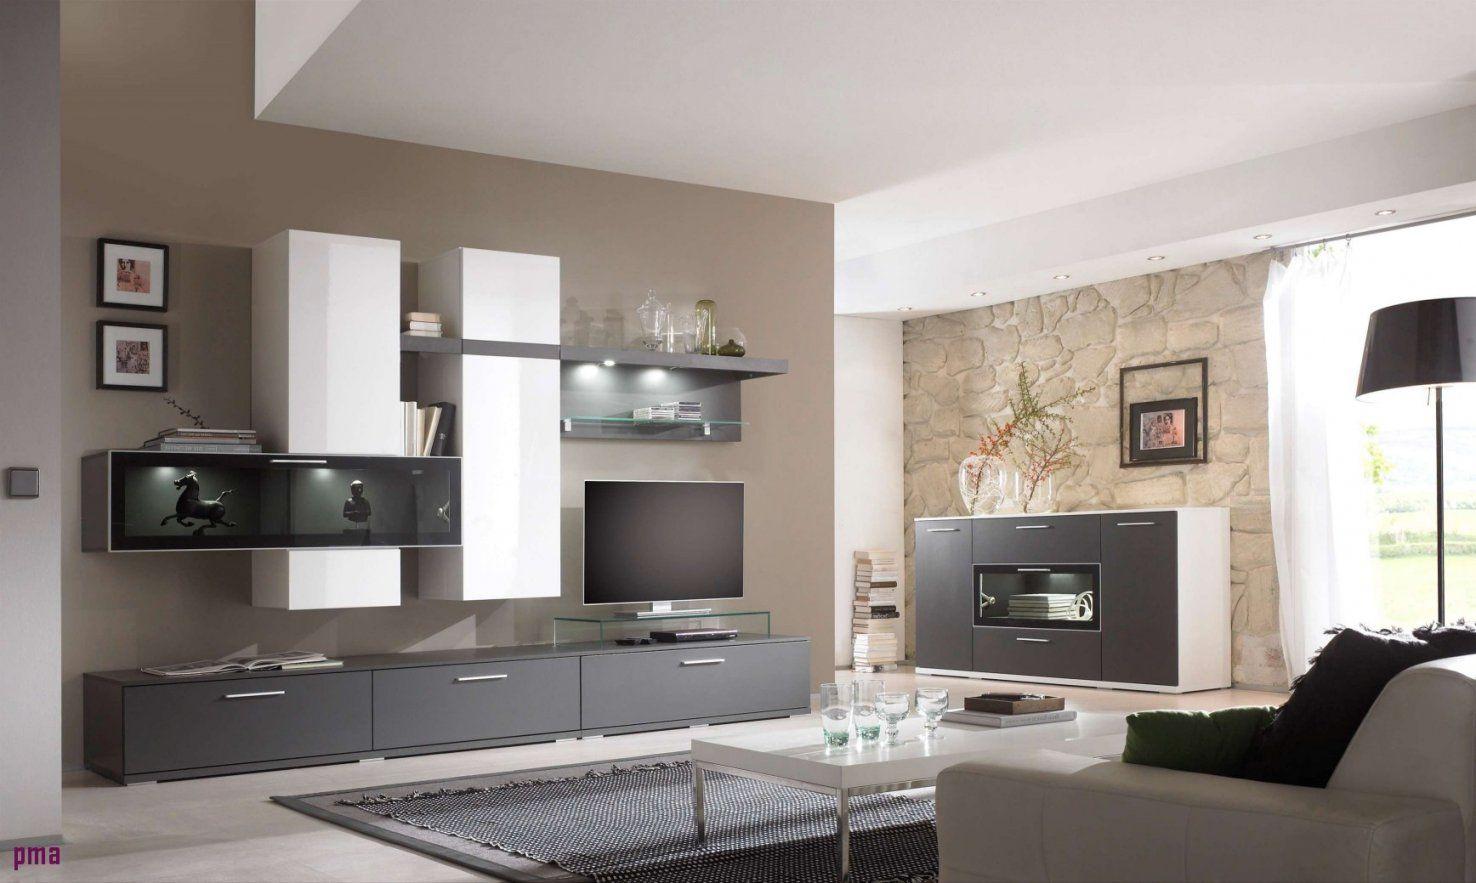 30 Qm Wohnzimmer Einrichten 40 Sensationell Bild Über 30 Qm von 40 Qm Wohnung Einrichten Photo